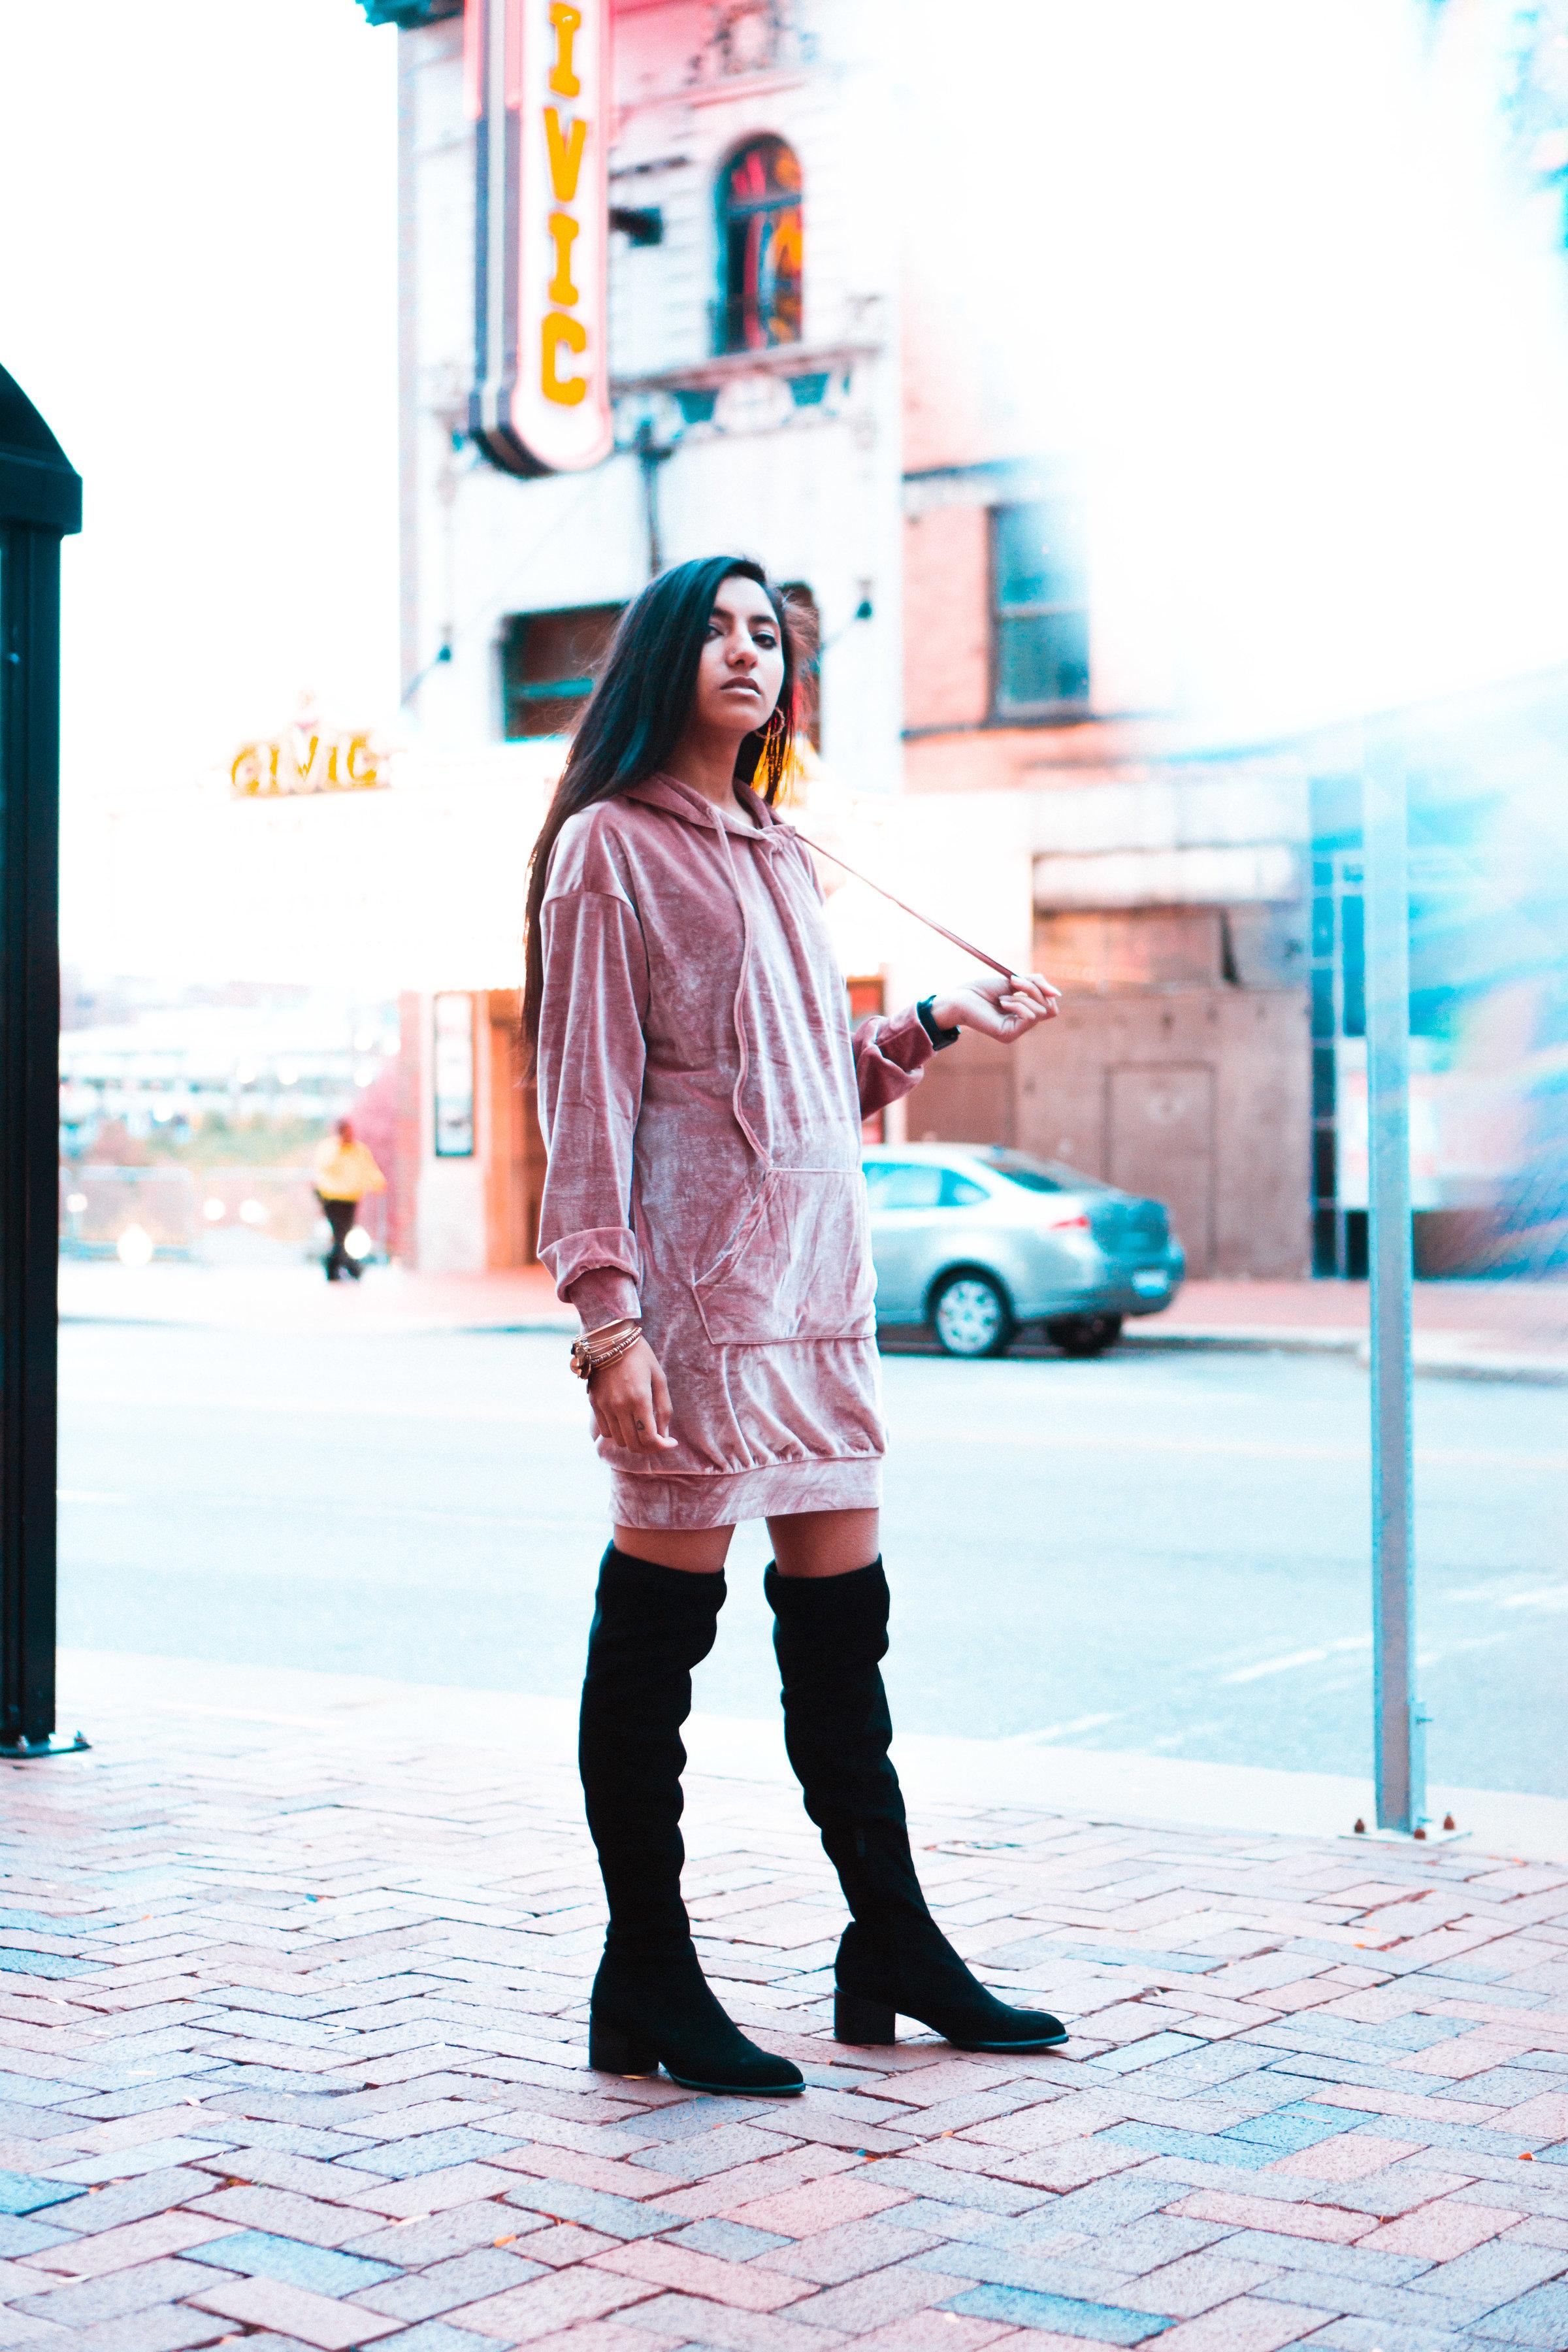 fashionblogger nyc ohio akron velvet romwe cleveland outfit shoot photography